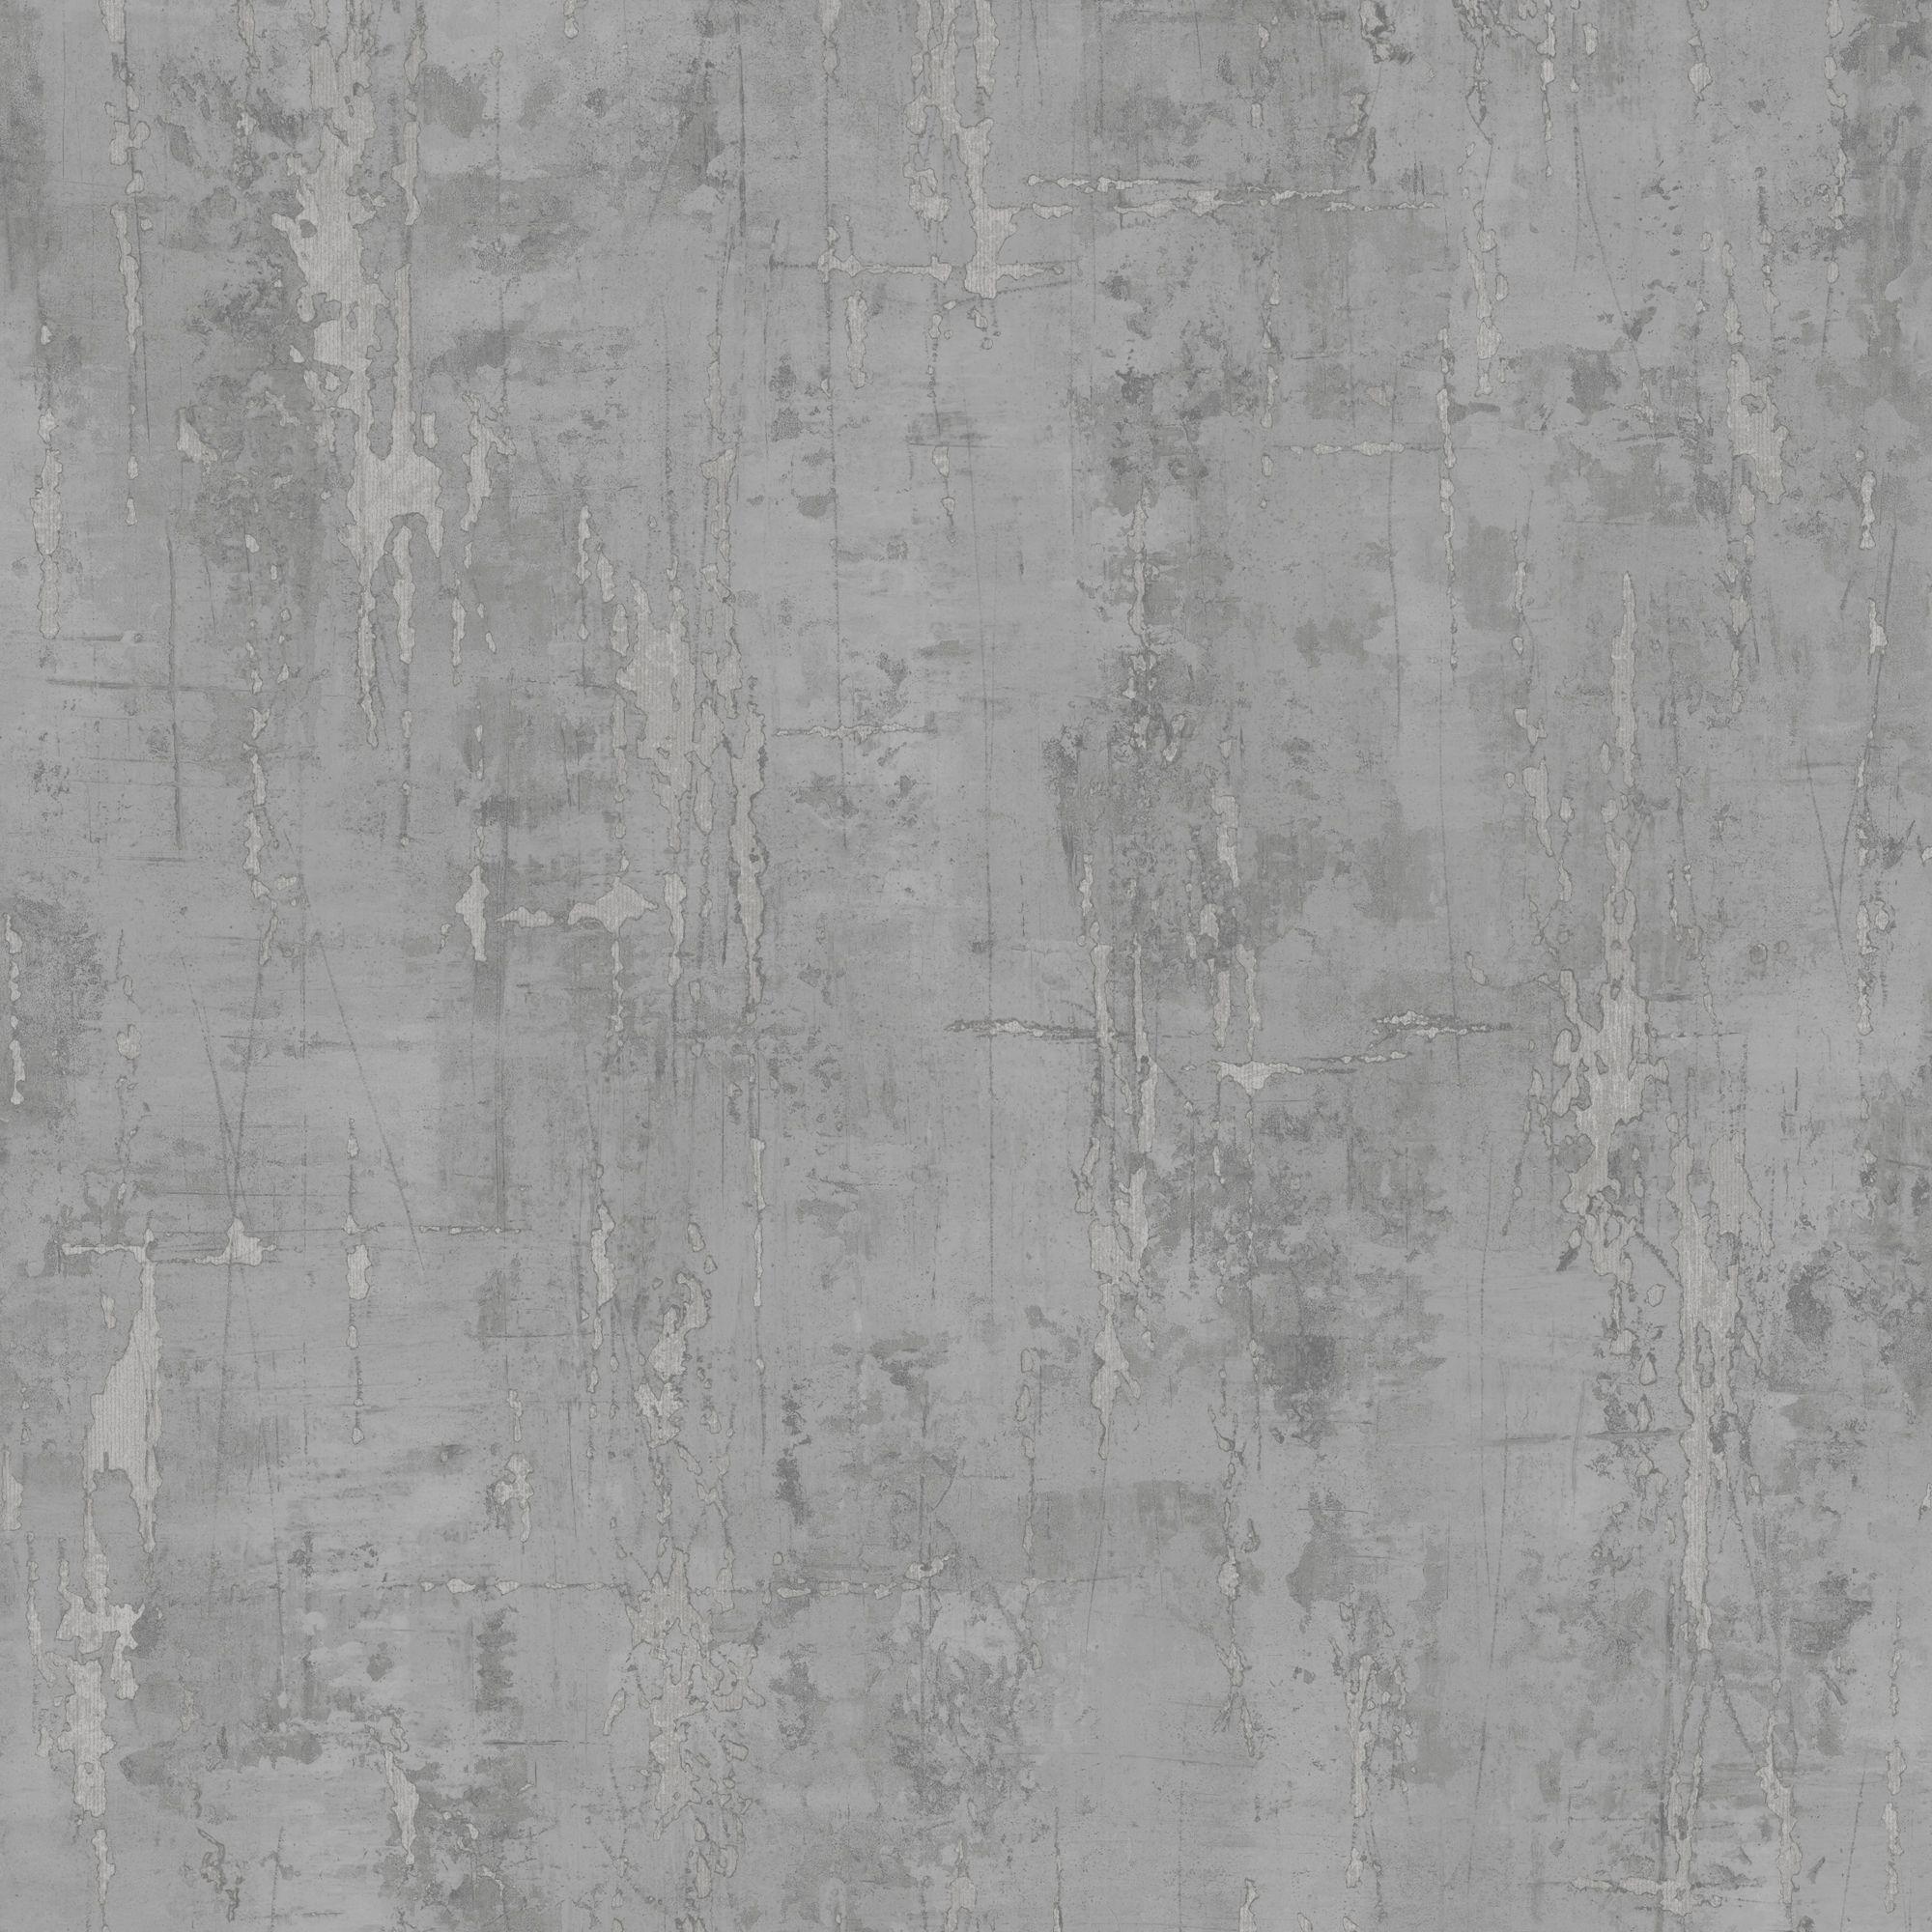 Statement Ennis Grey Mica highlight Wallpaper Pinterest